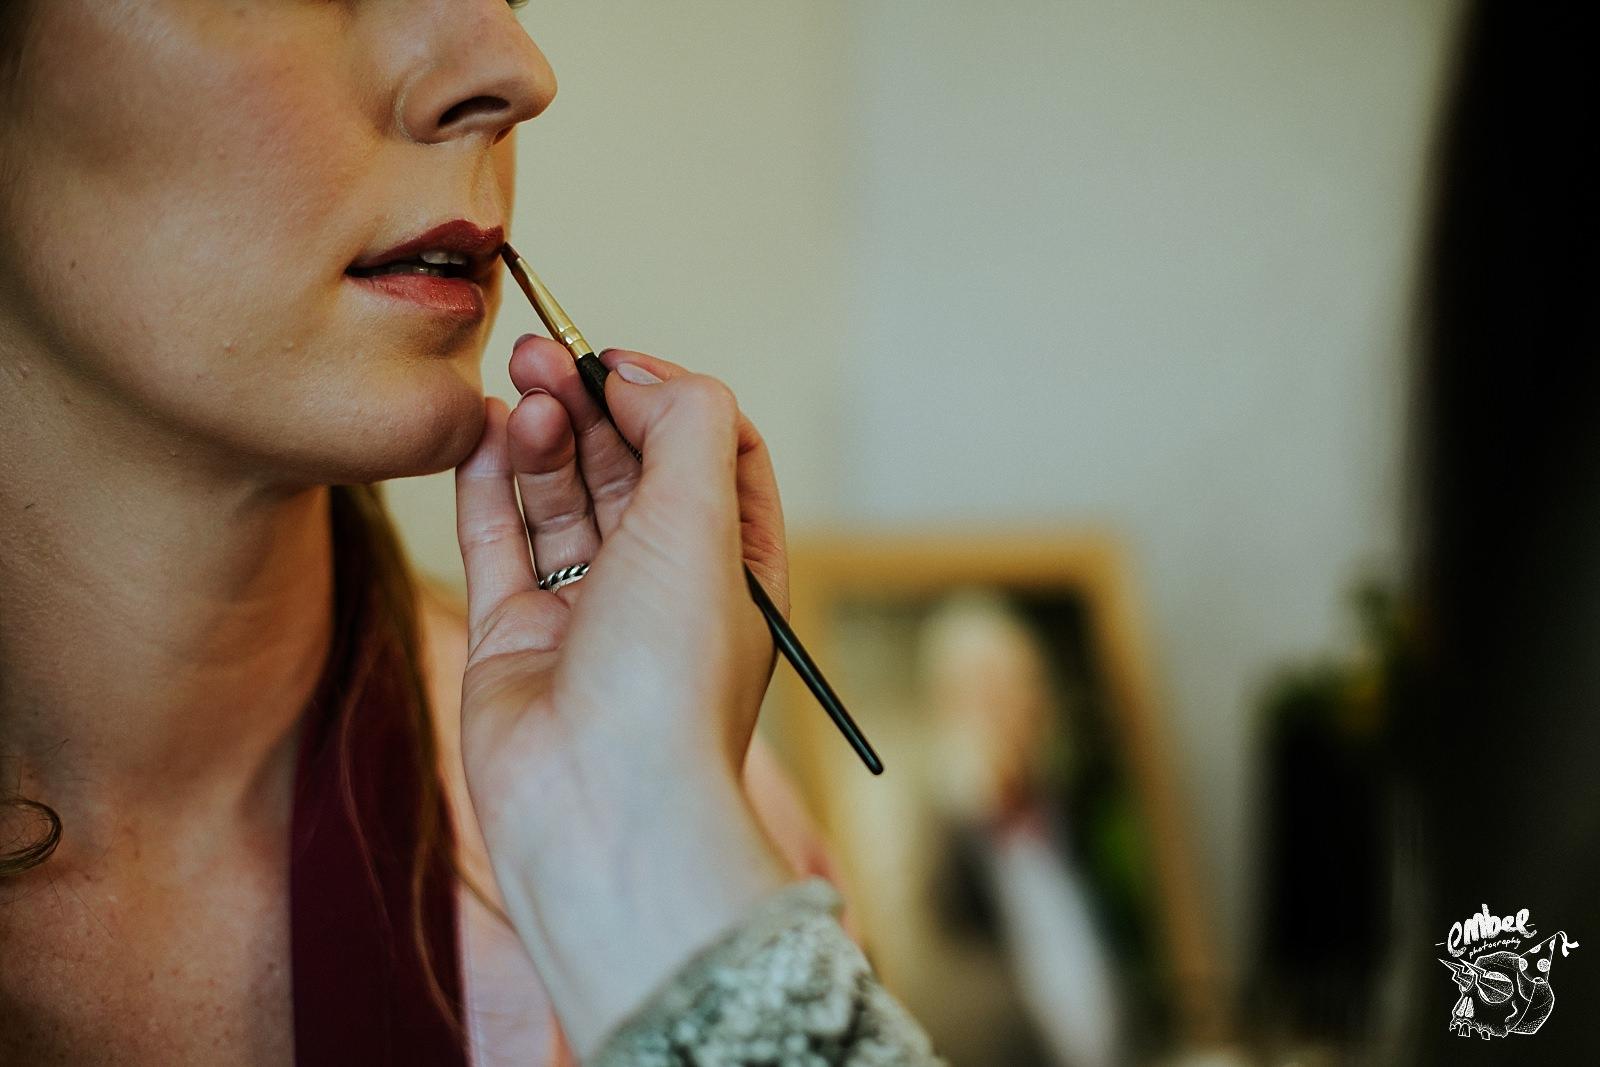 brides lipstick being put on